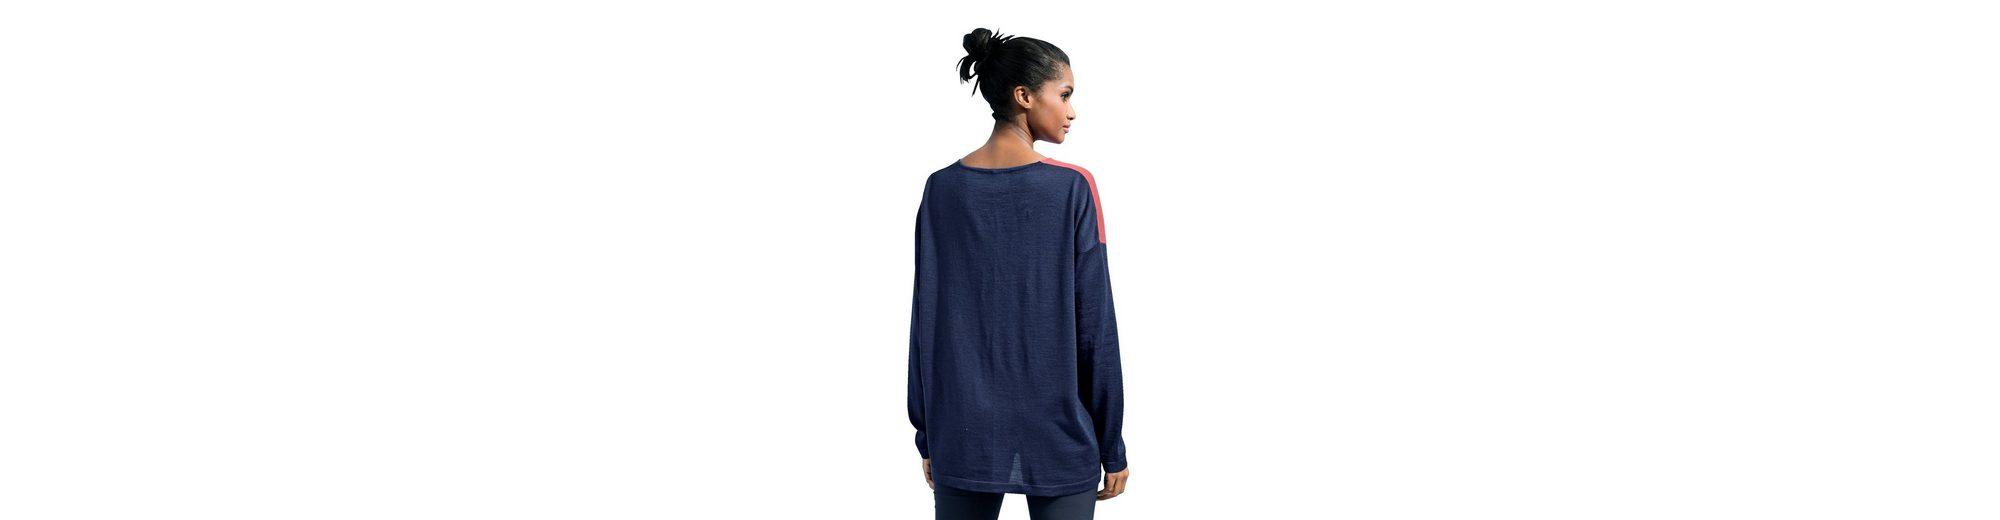 Pullover Merinowolle Pullover mit Moda Moda Merinowolle mit Alba Alba 8OFOzwt